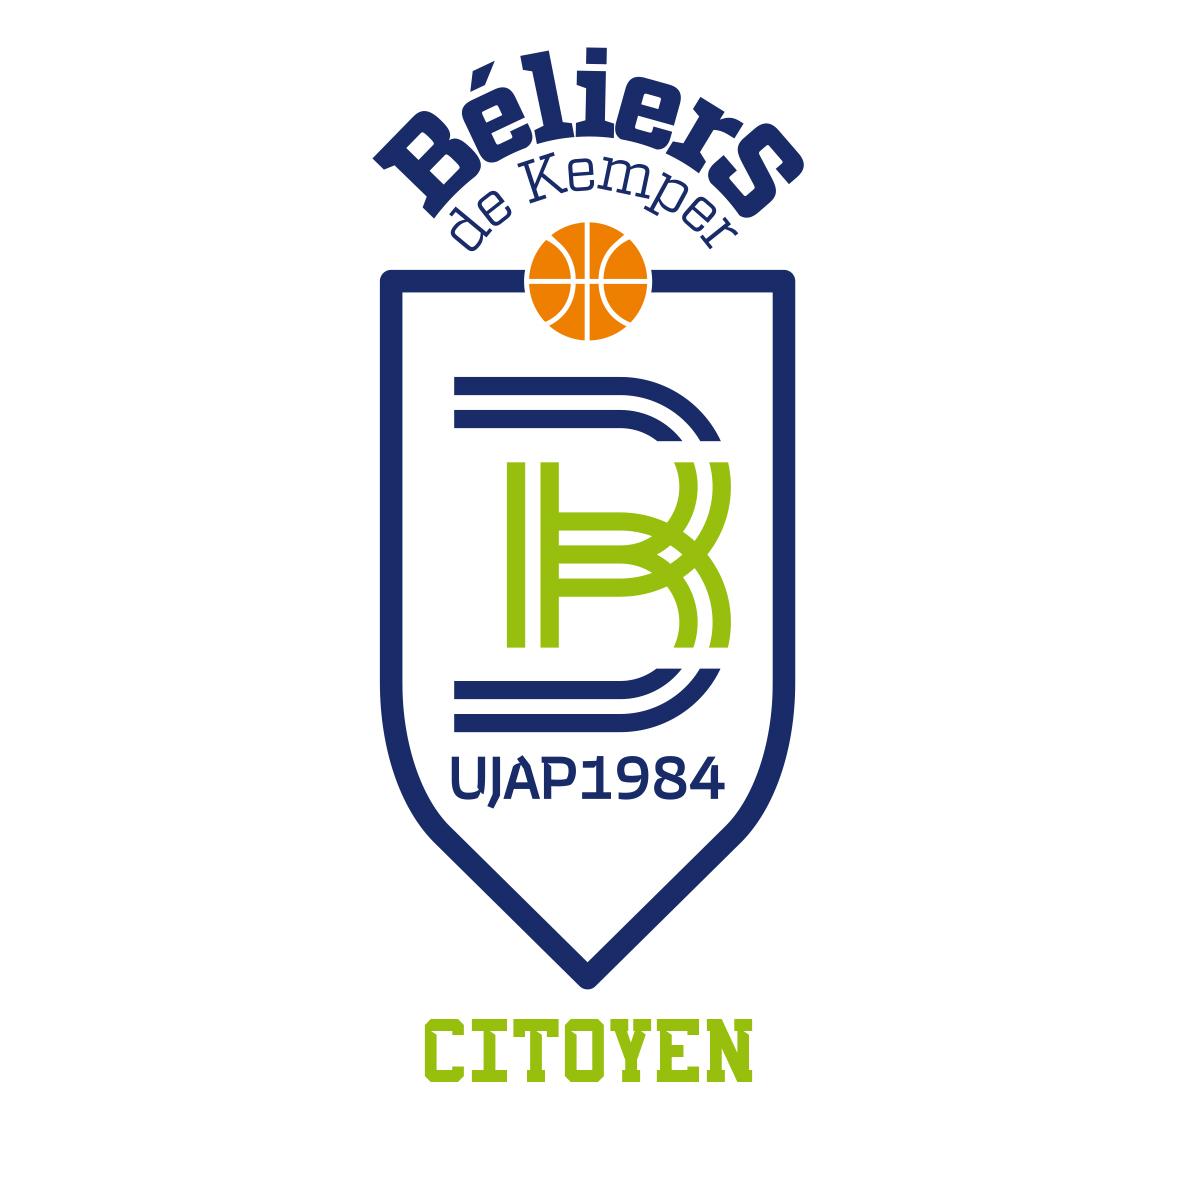 Logo BeliersCitoyen-CMYK